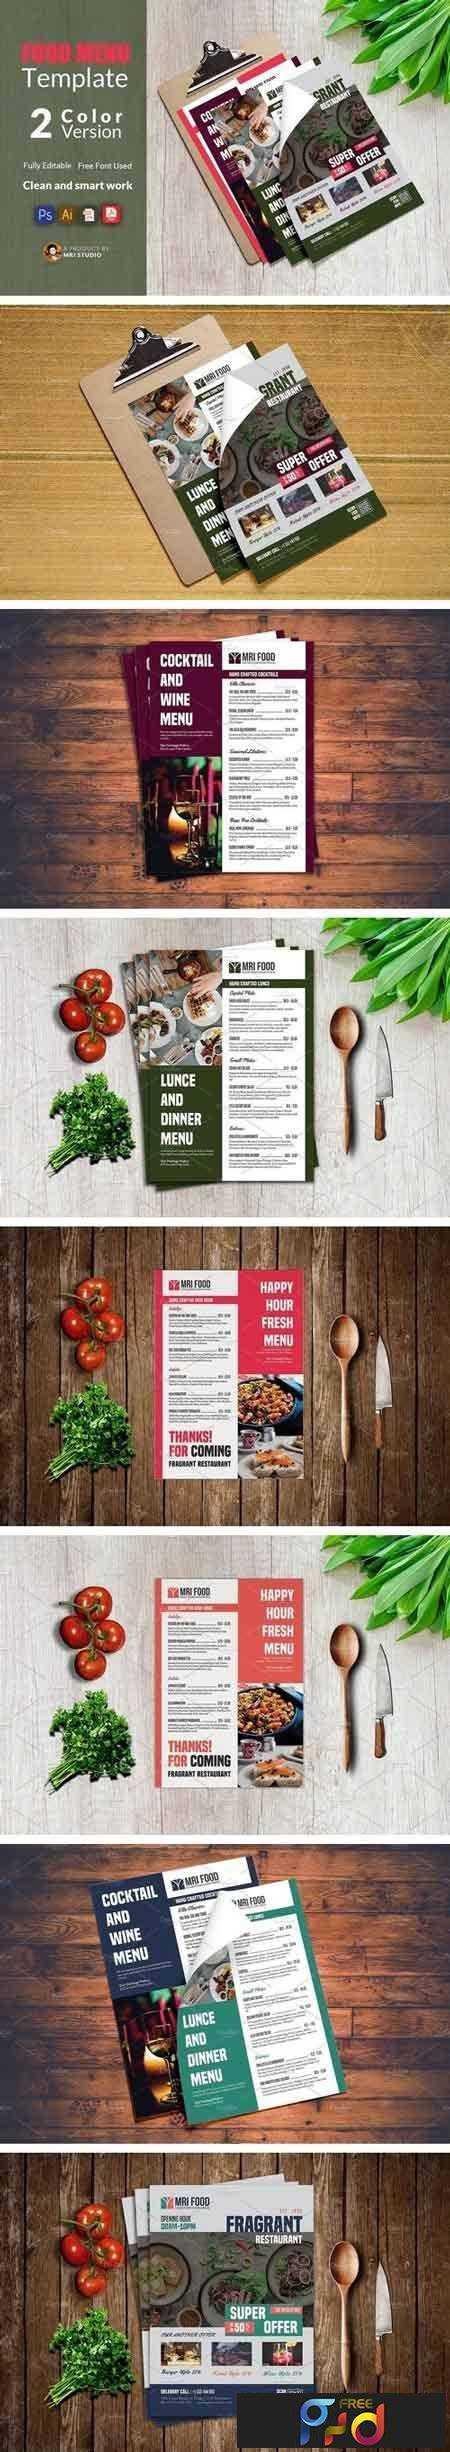 1804160 Food Menu Template 1914568 1